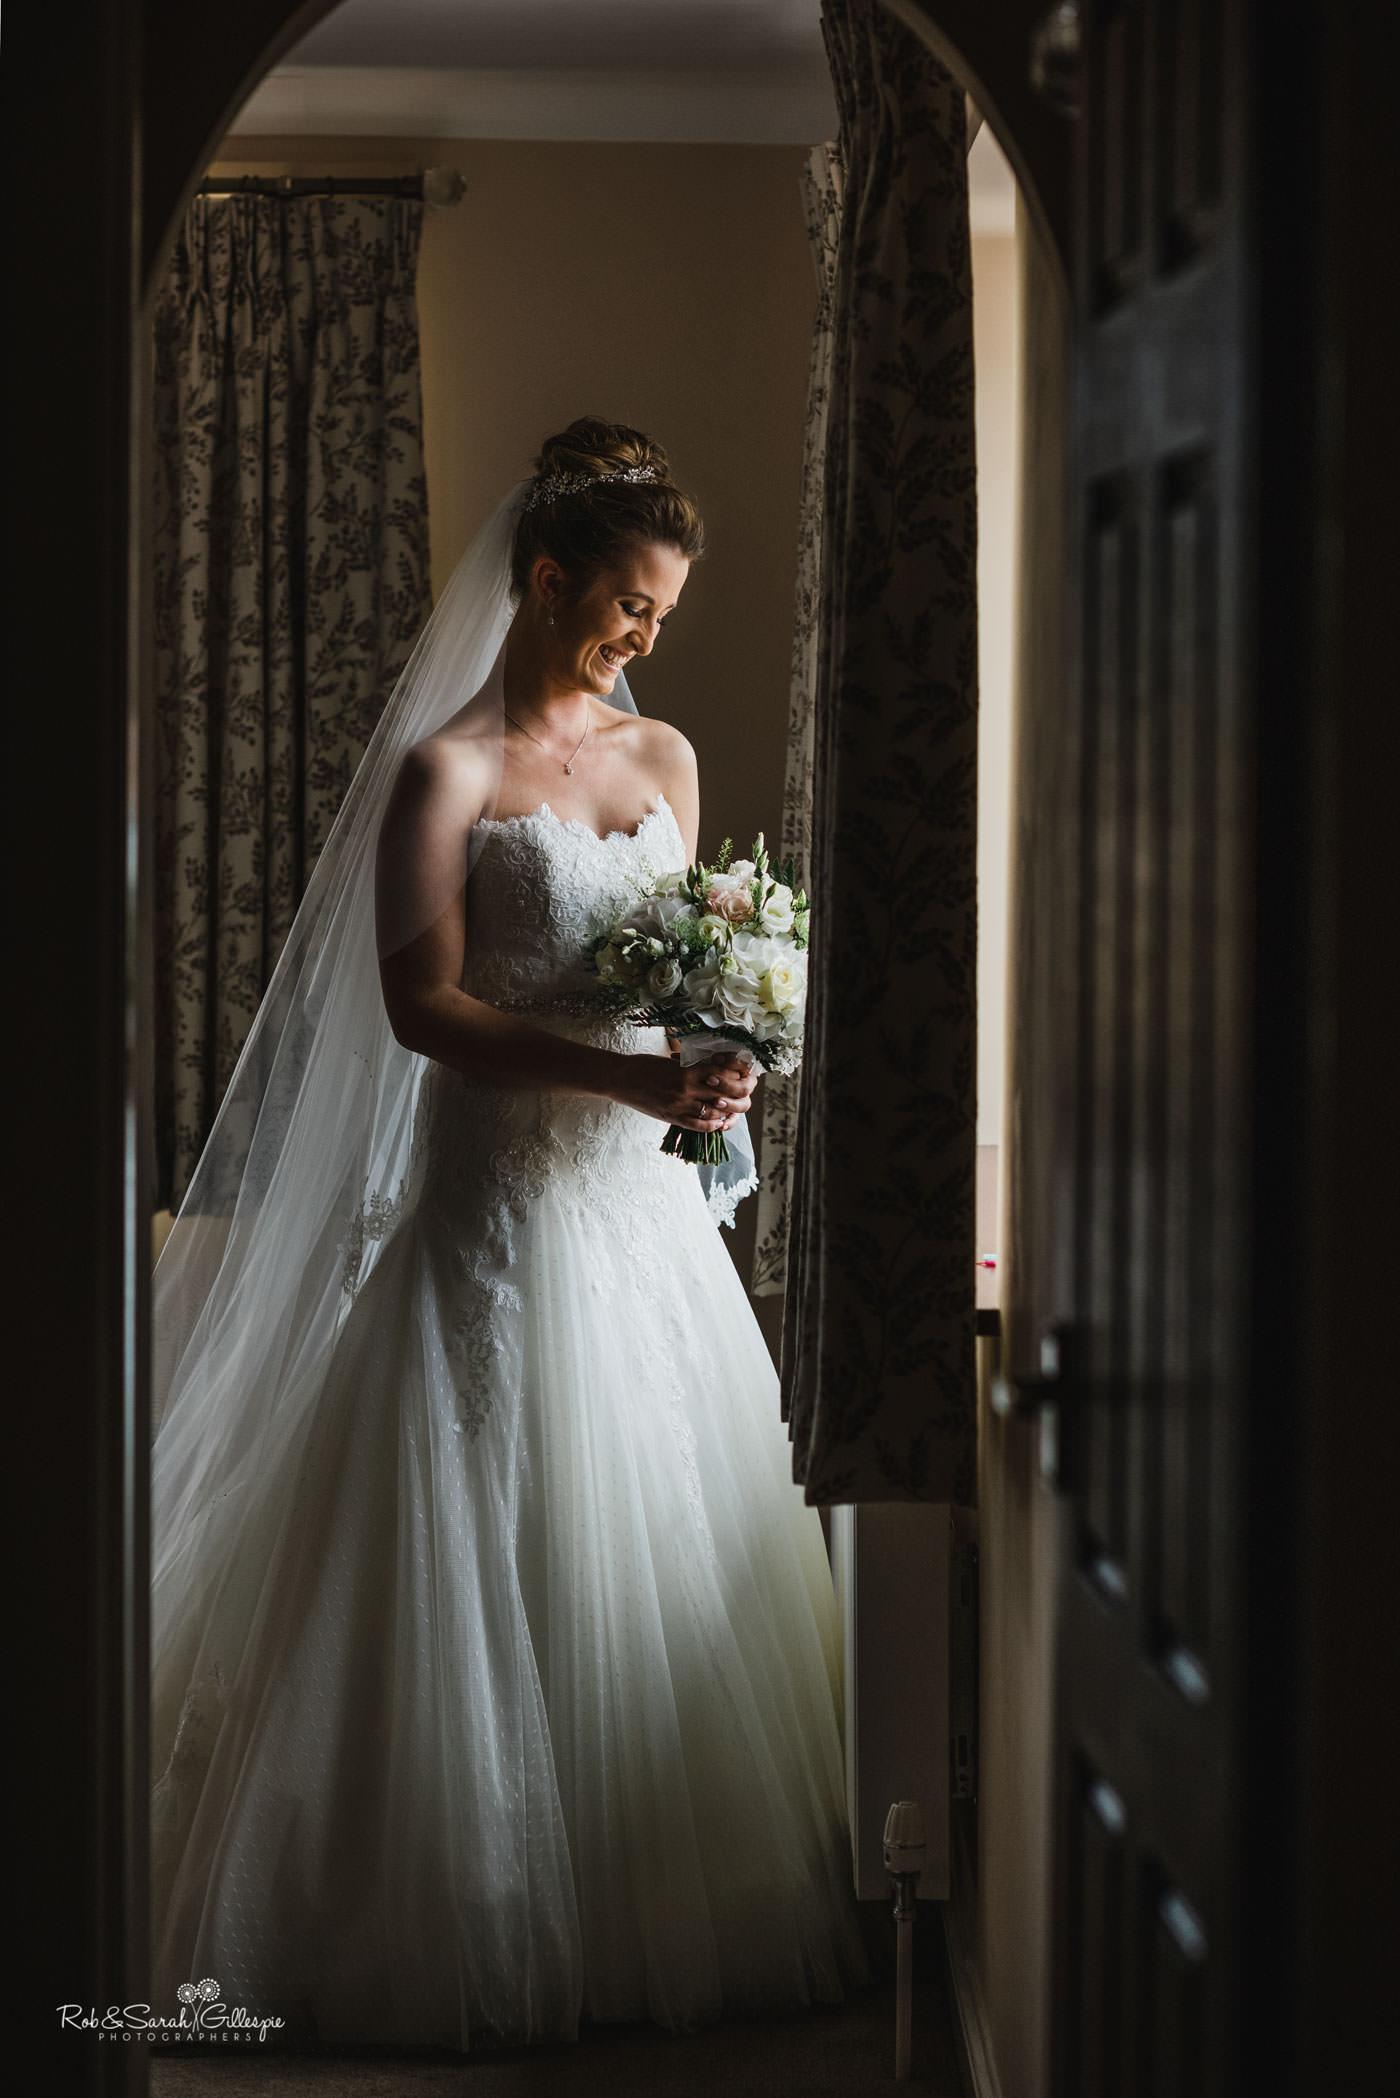 Full-length portrait of bride